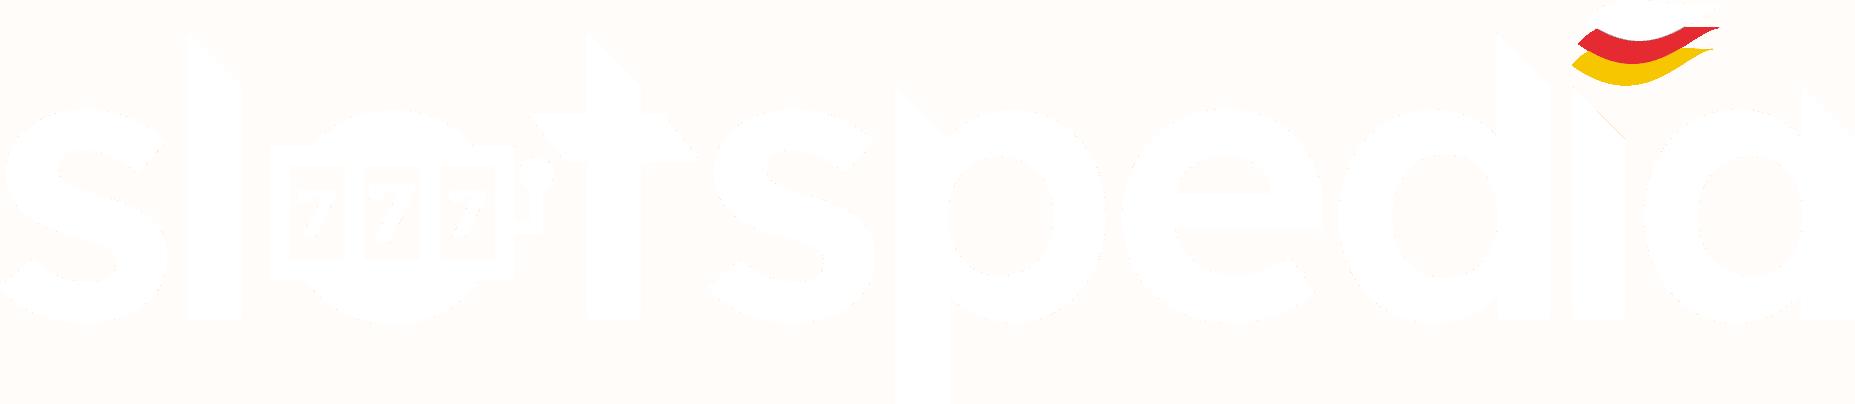 slotspedia.de logo